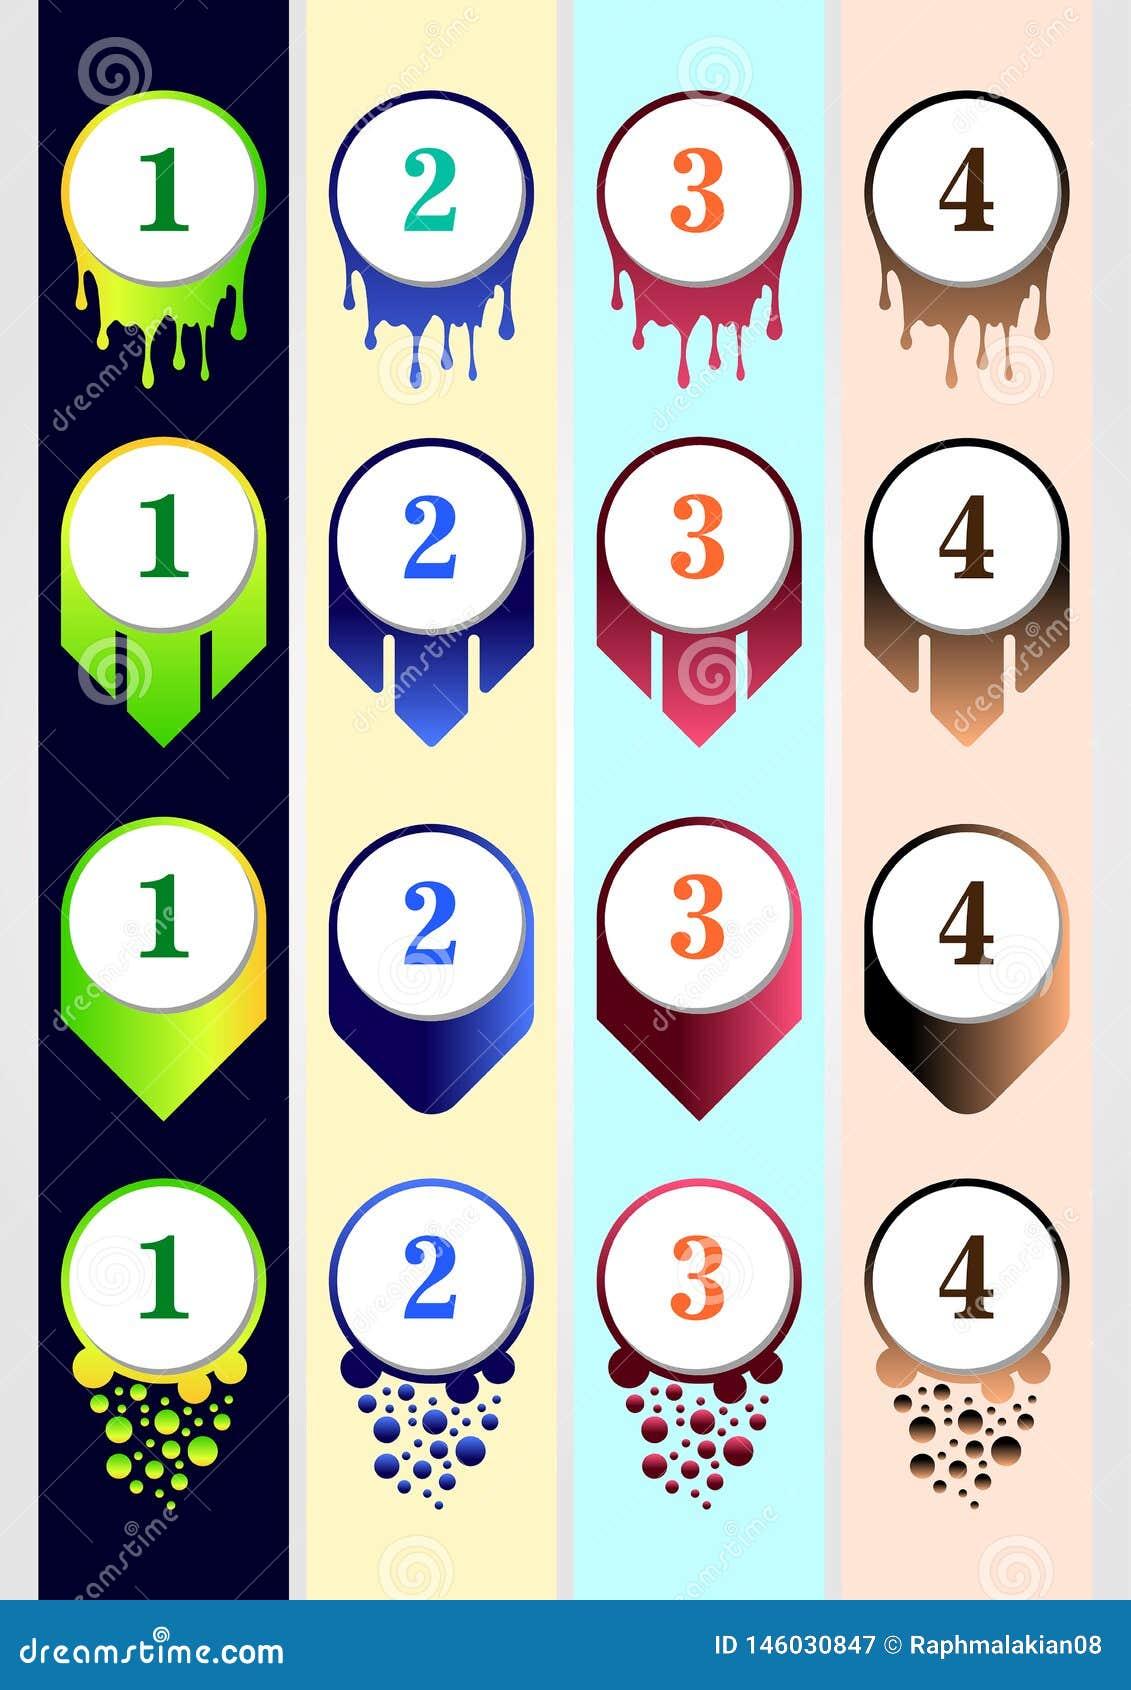 Ζωηρόχρωμο πρότυπο συλλογής σφαιρών για το ικανοποιημένο επιχειρησιακό infographic περιεχόμενο